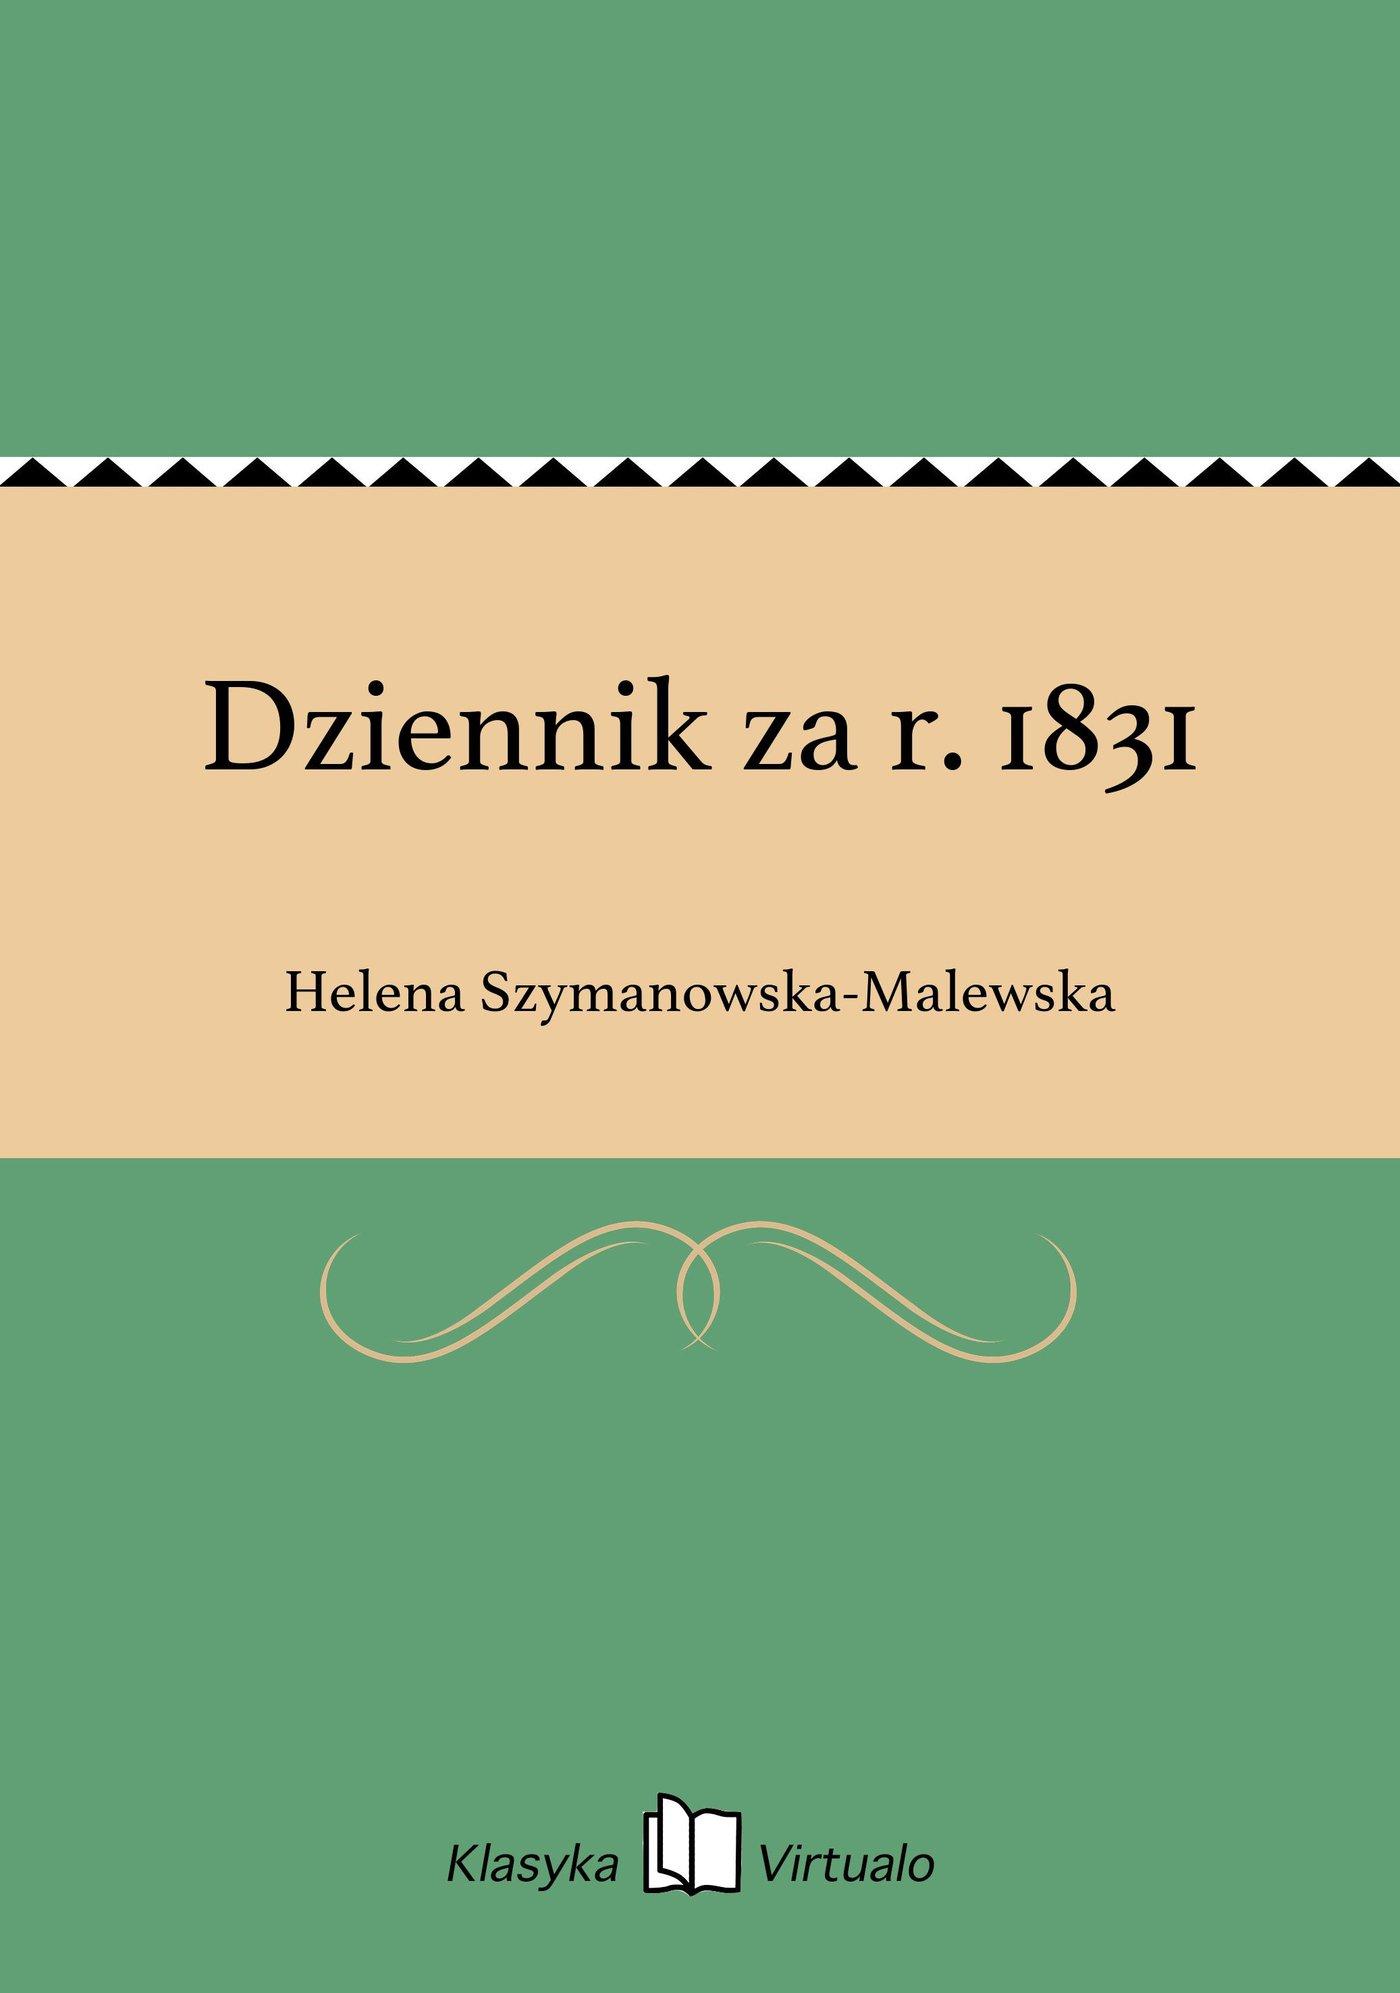 Dziennik za r. 1831 - Ebook (Książka EPUB) do pobrania w formacie EPUB